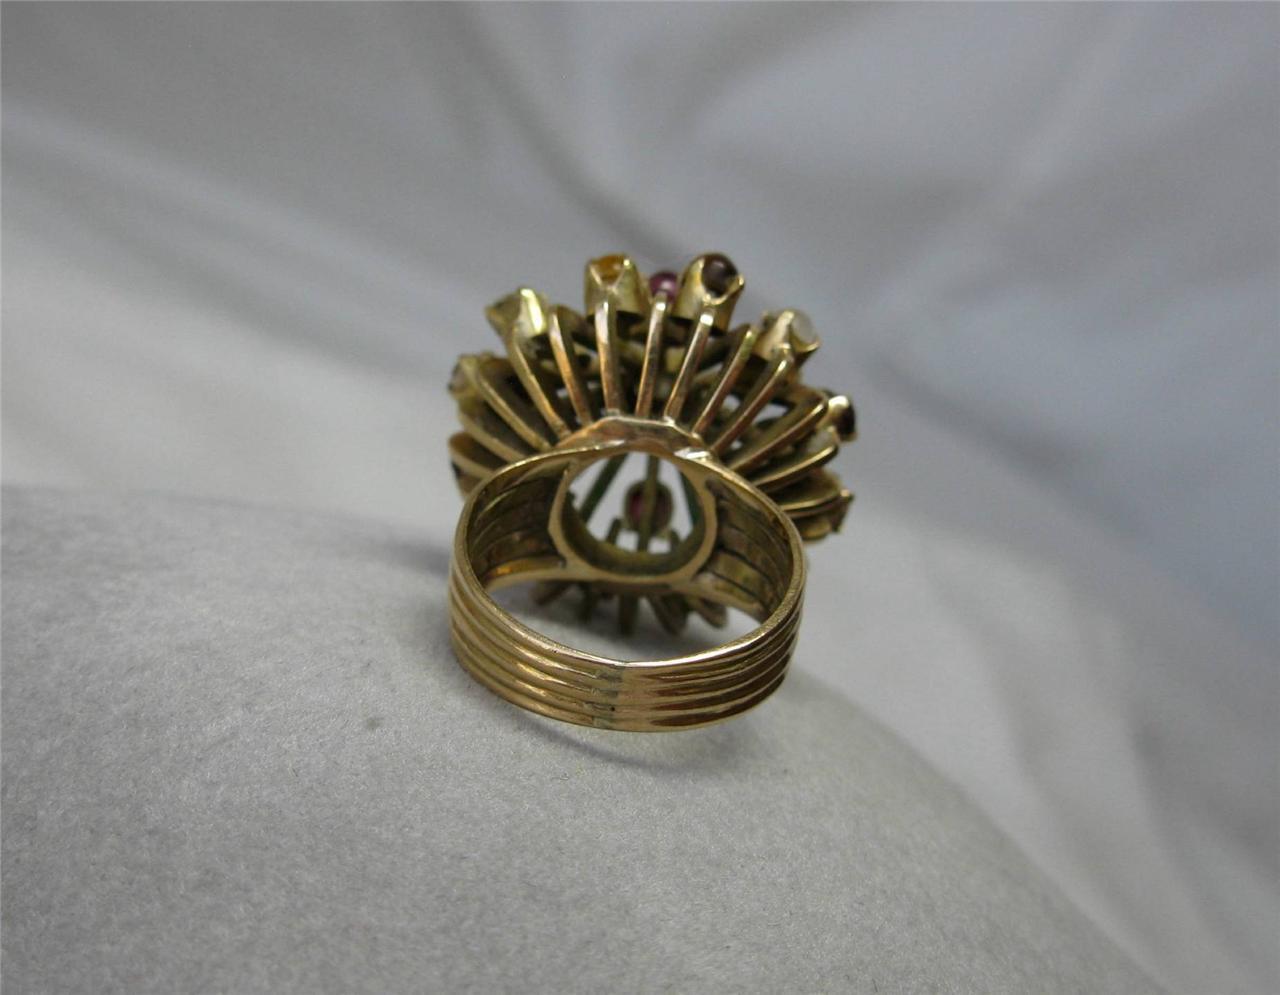 Smeraldo Rubino Zaffiro Diamante Principessa Principessa Principessa Anello 14k oro faaf17